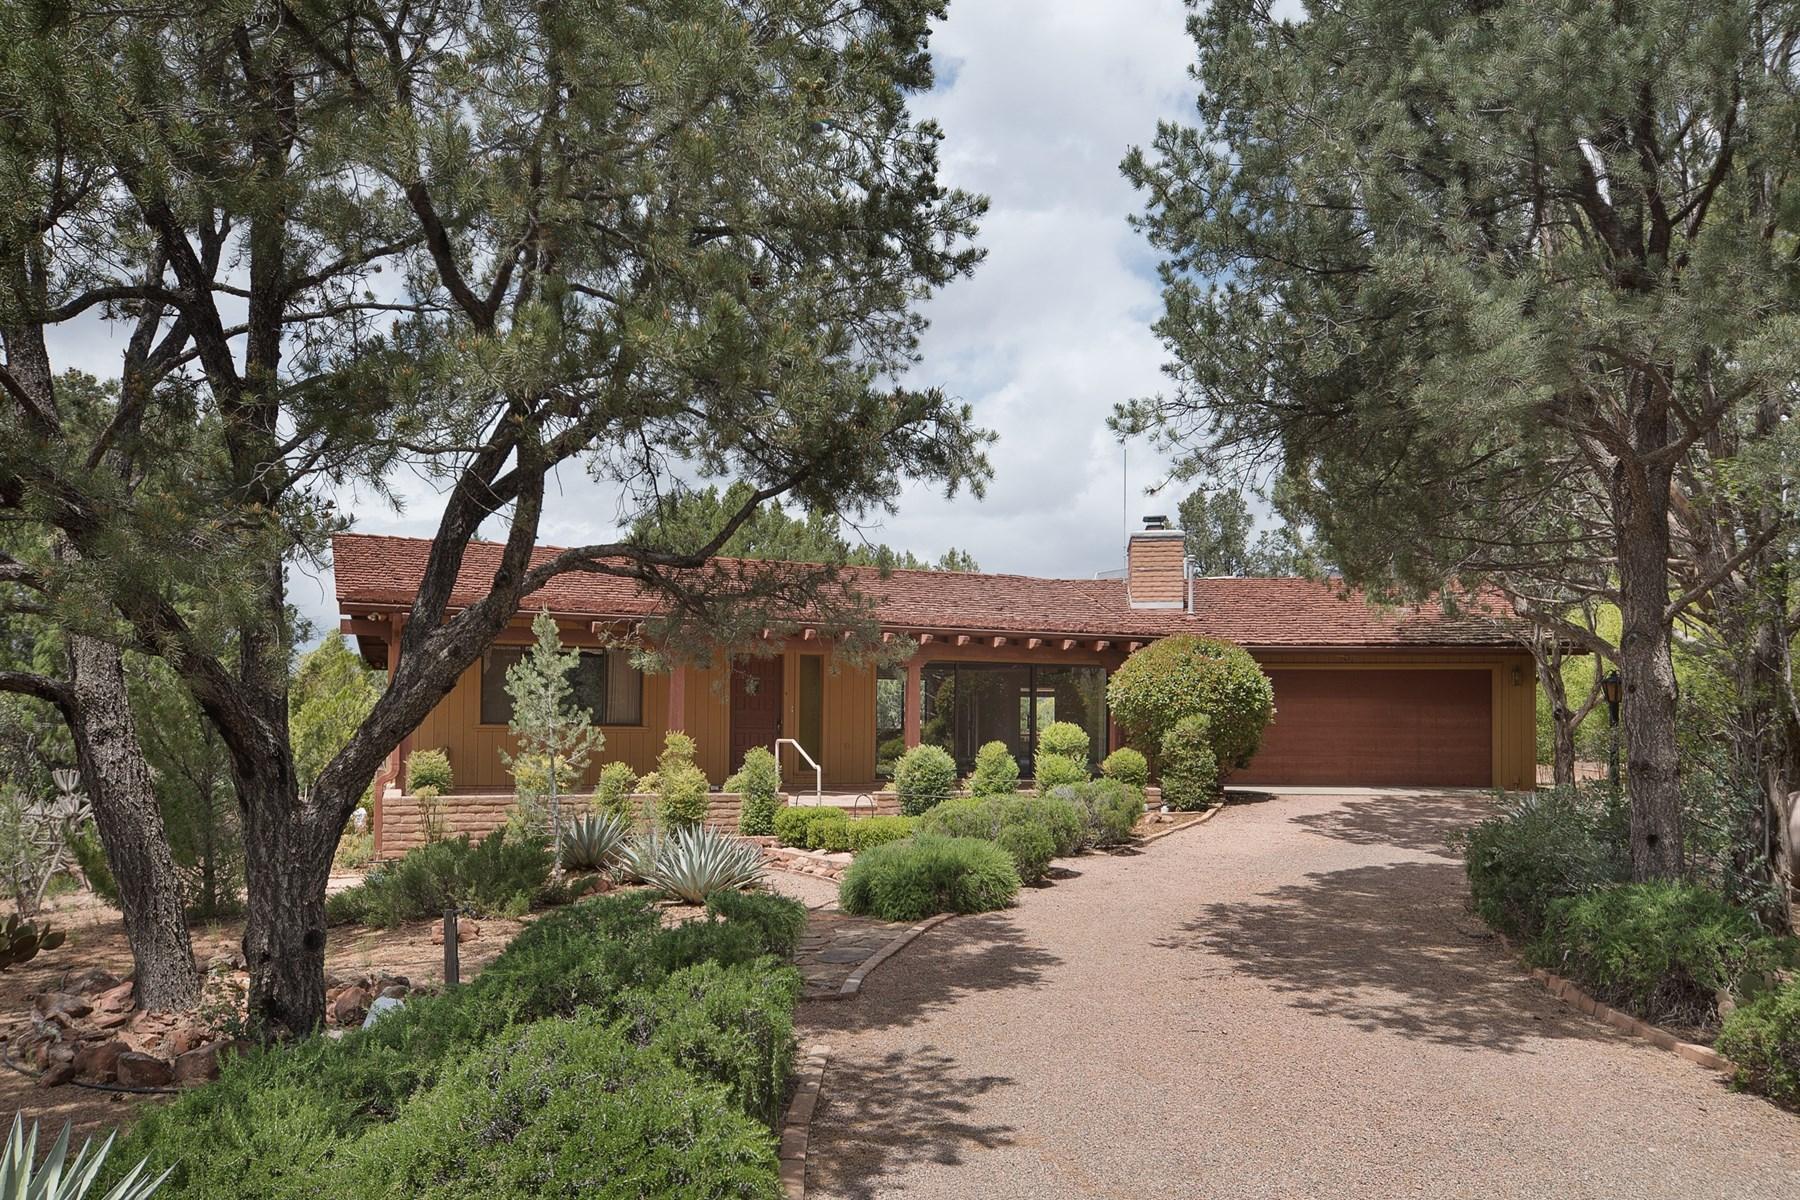 Moradia para Venda às Solidly built home with a spacious and comfortable floor plan 411 Fox Rd Sedona, Arizona 86336 Estados Unidos